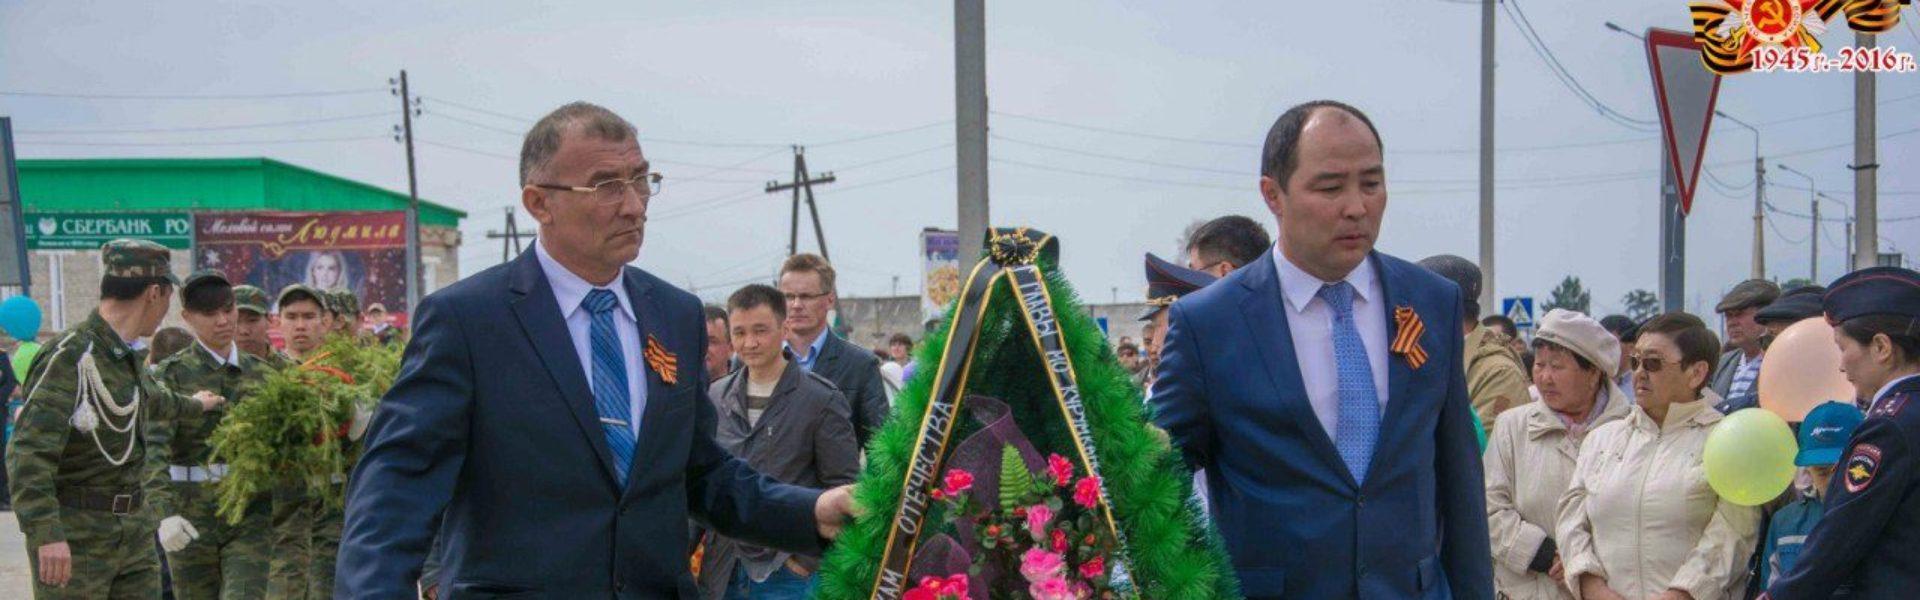 Леонид Будаев